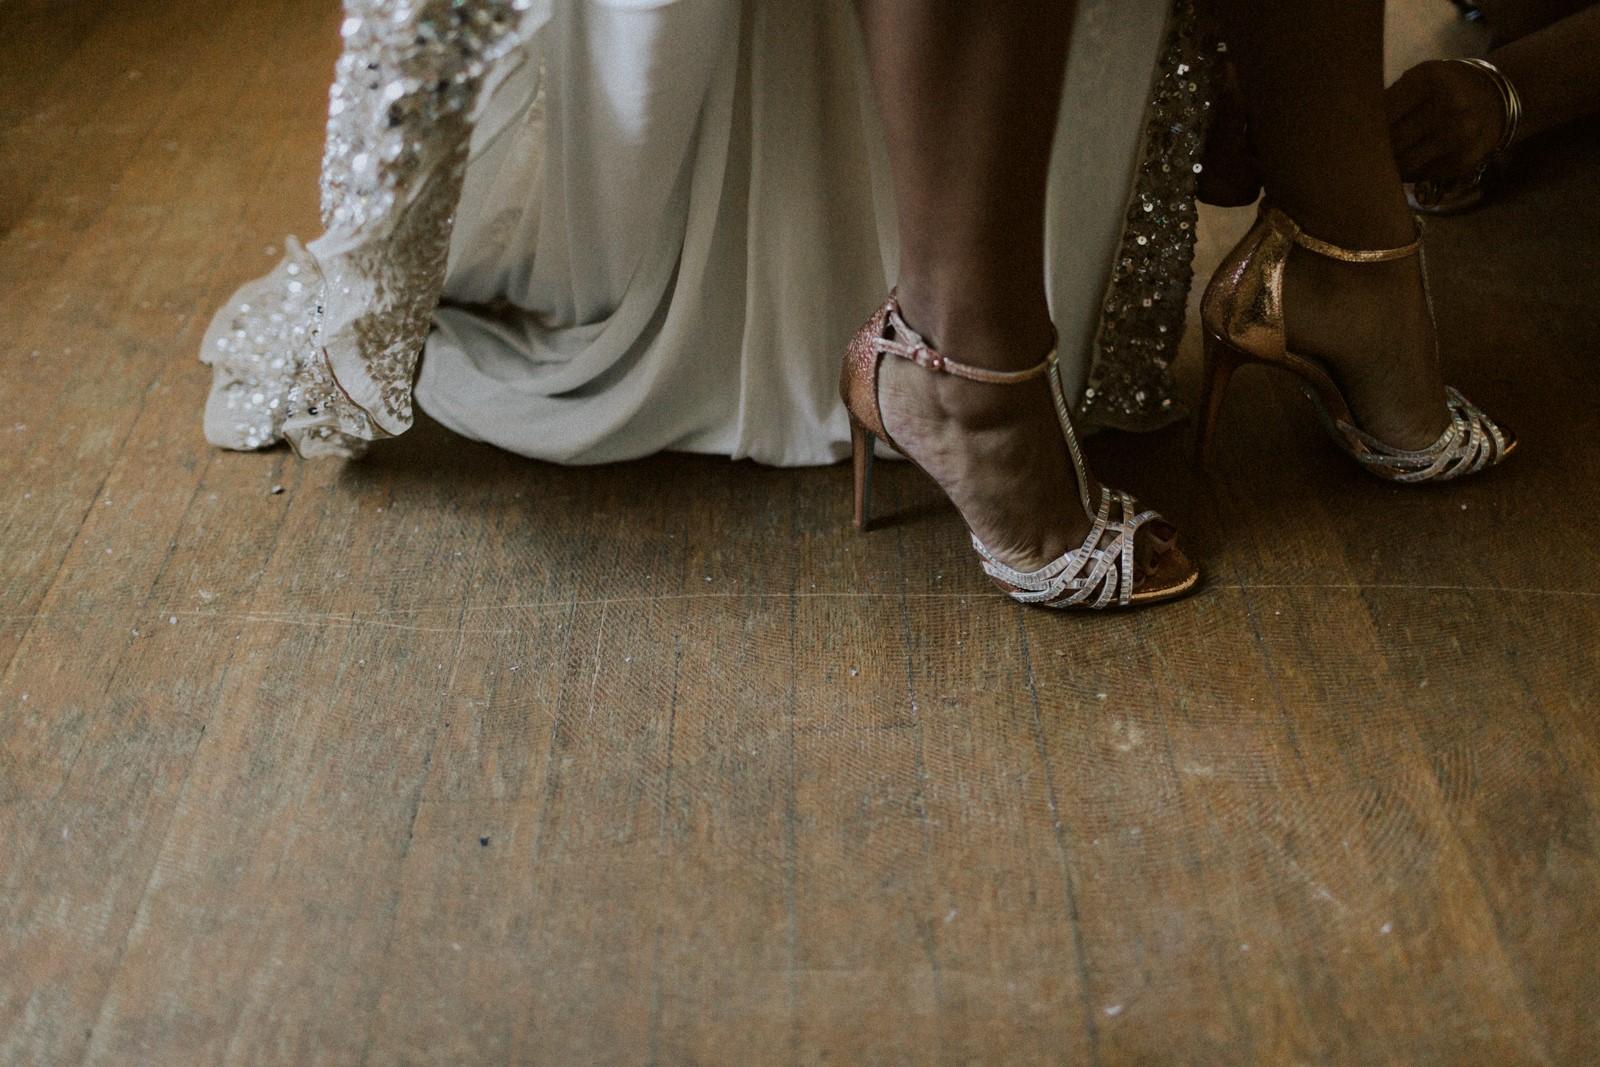 Не нервничай: как справиться со стрессом перед свадьбой